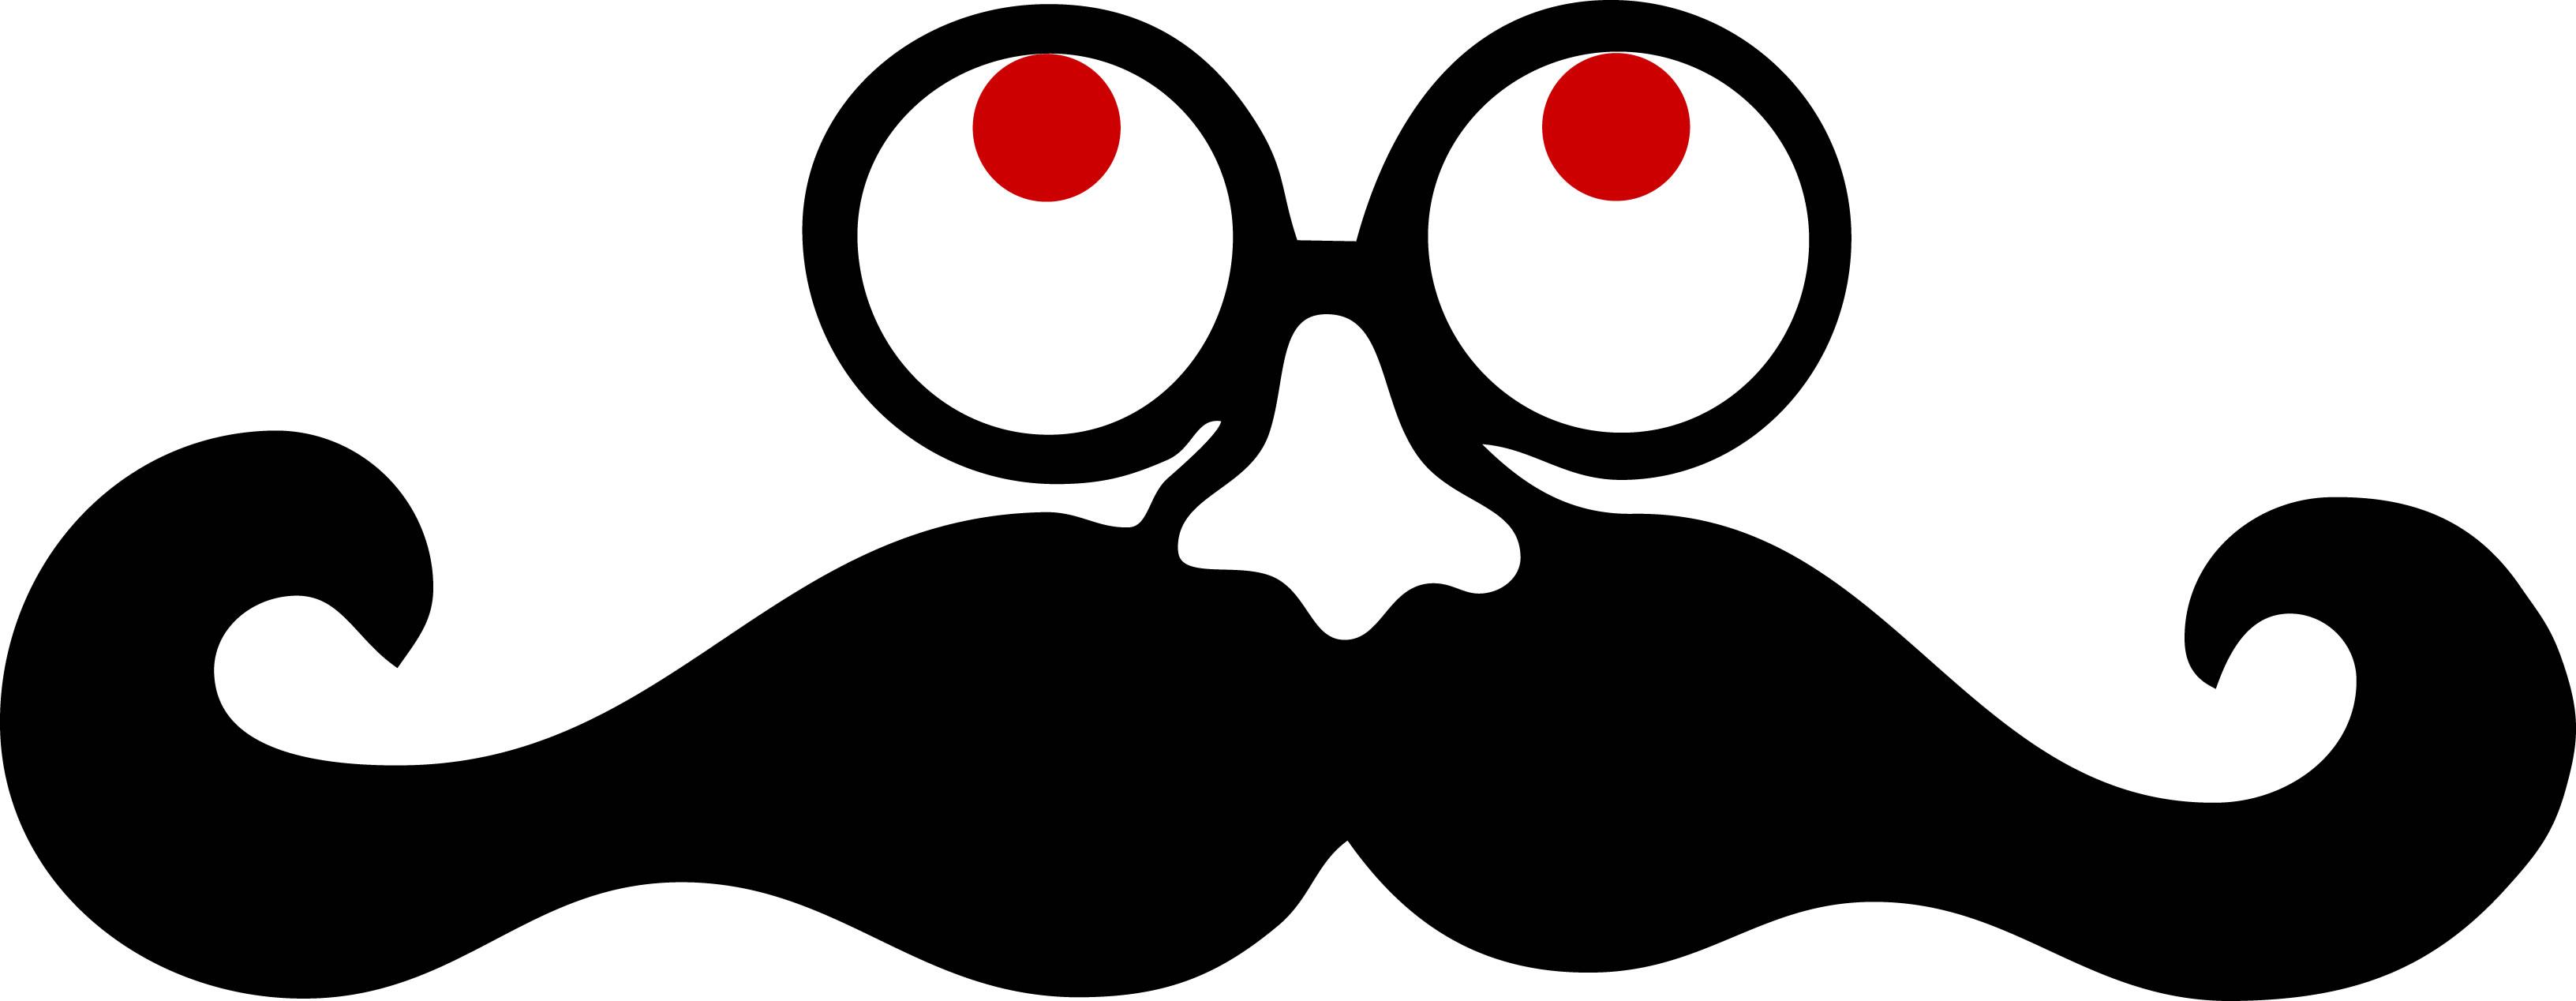 3264x1268 Glass Clipart Moustache Style